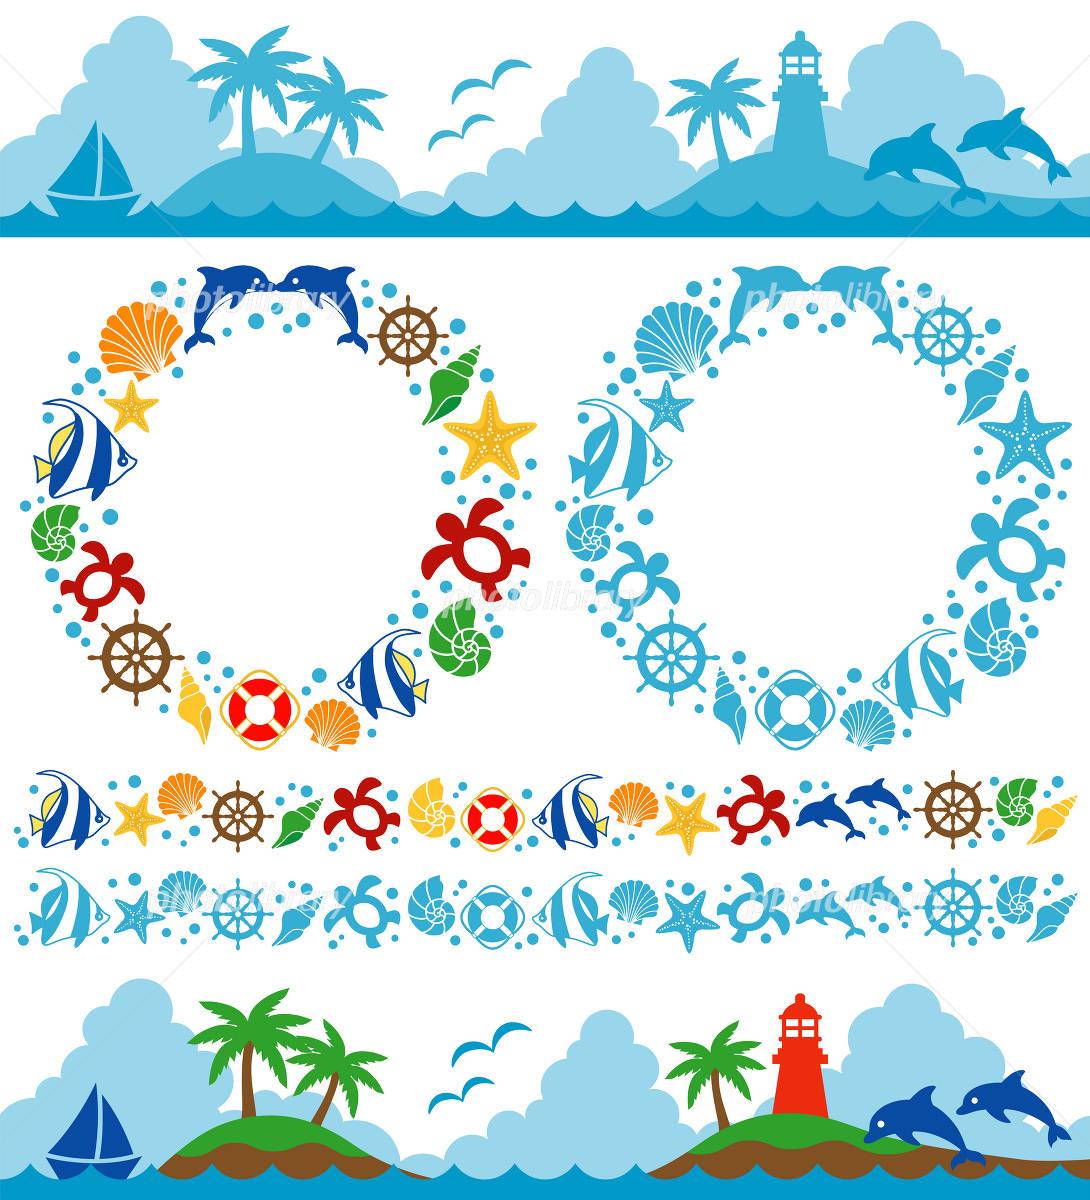 海 イラスト イラスト素材 1771169 フォトライブラリー Photolibrary